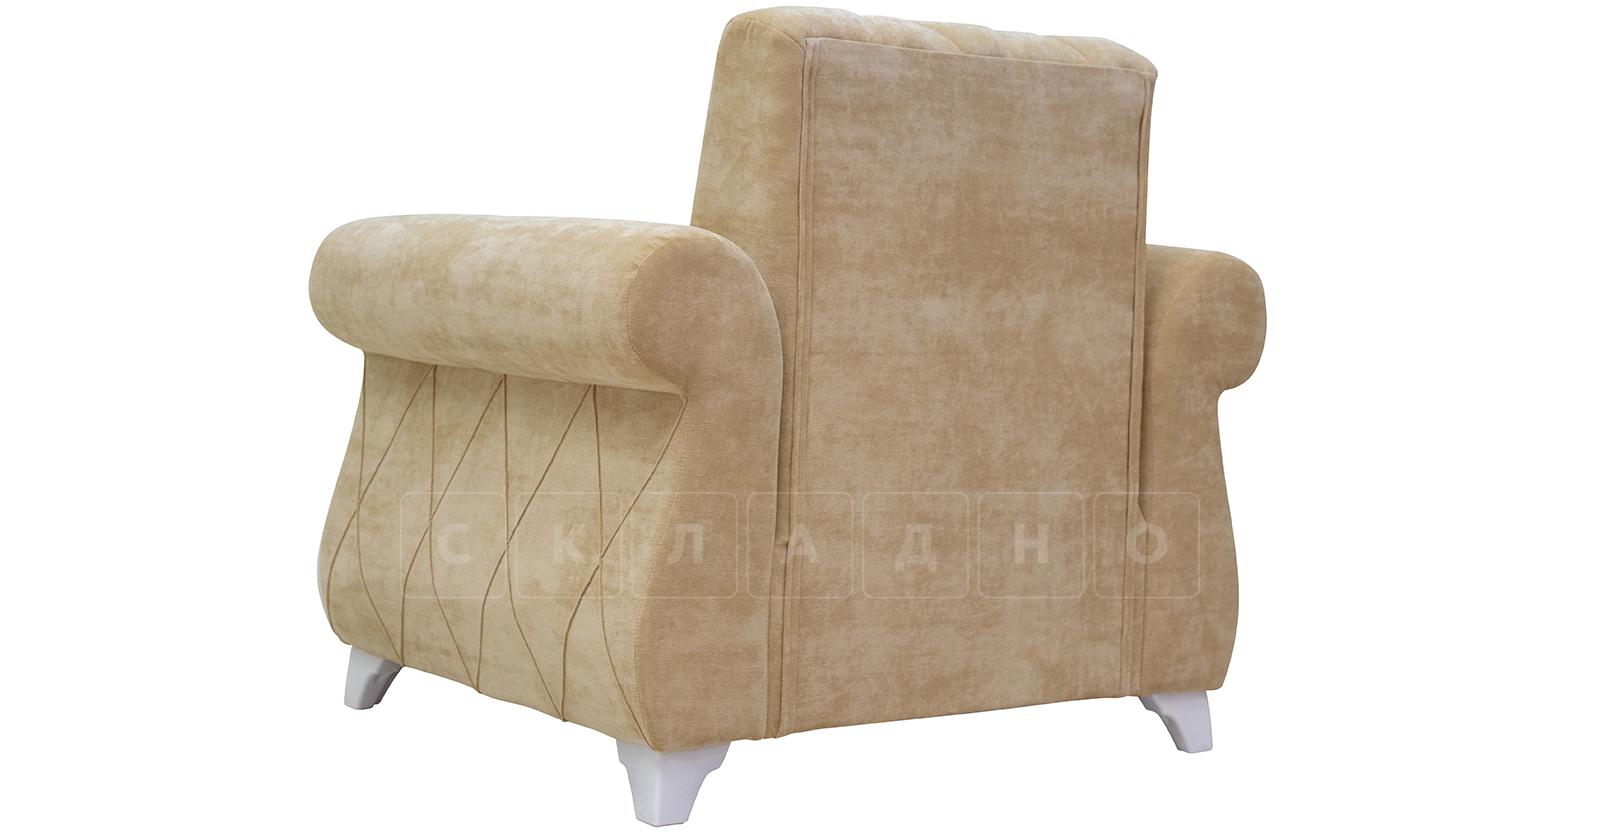 Кресло для отдыха Роза желто-песочный фото 4 | интернет-магазин Складно